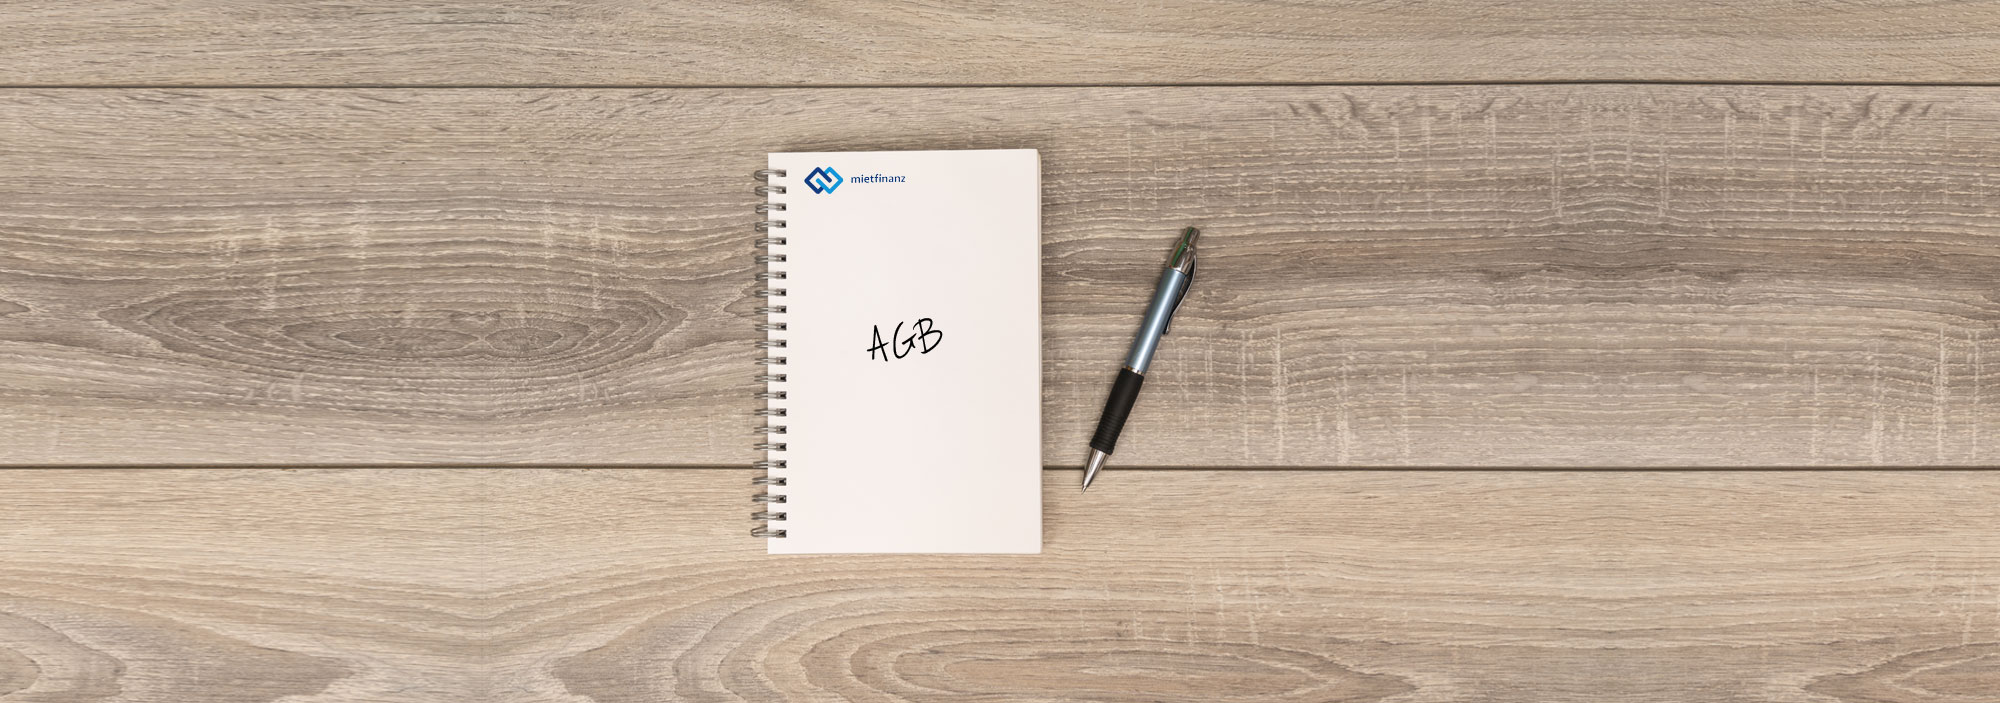 mietfinanz AGB